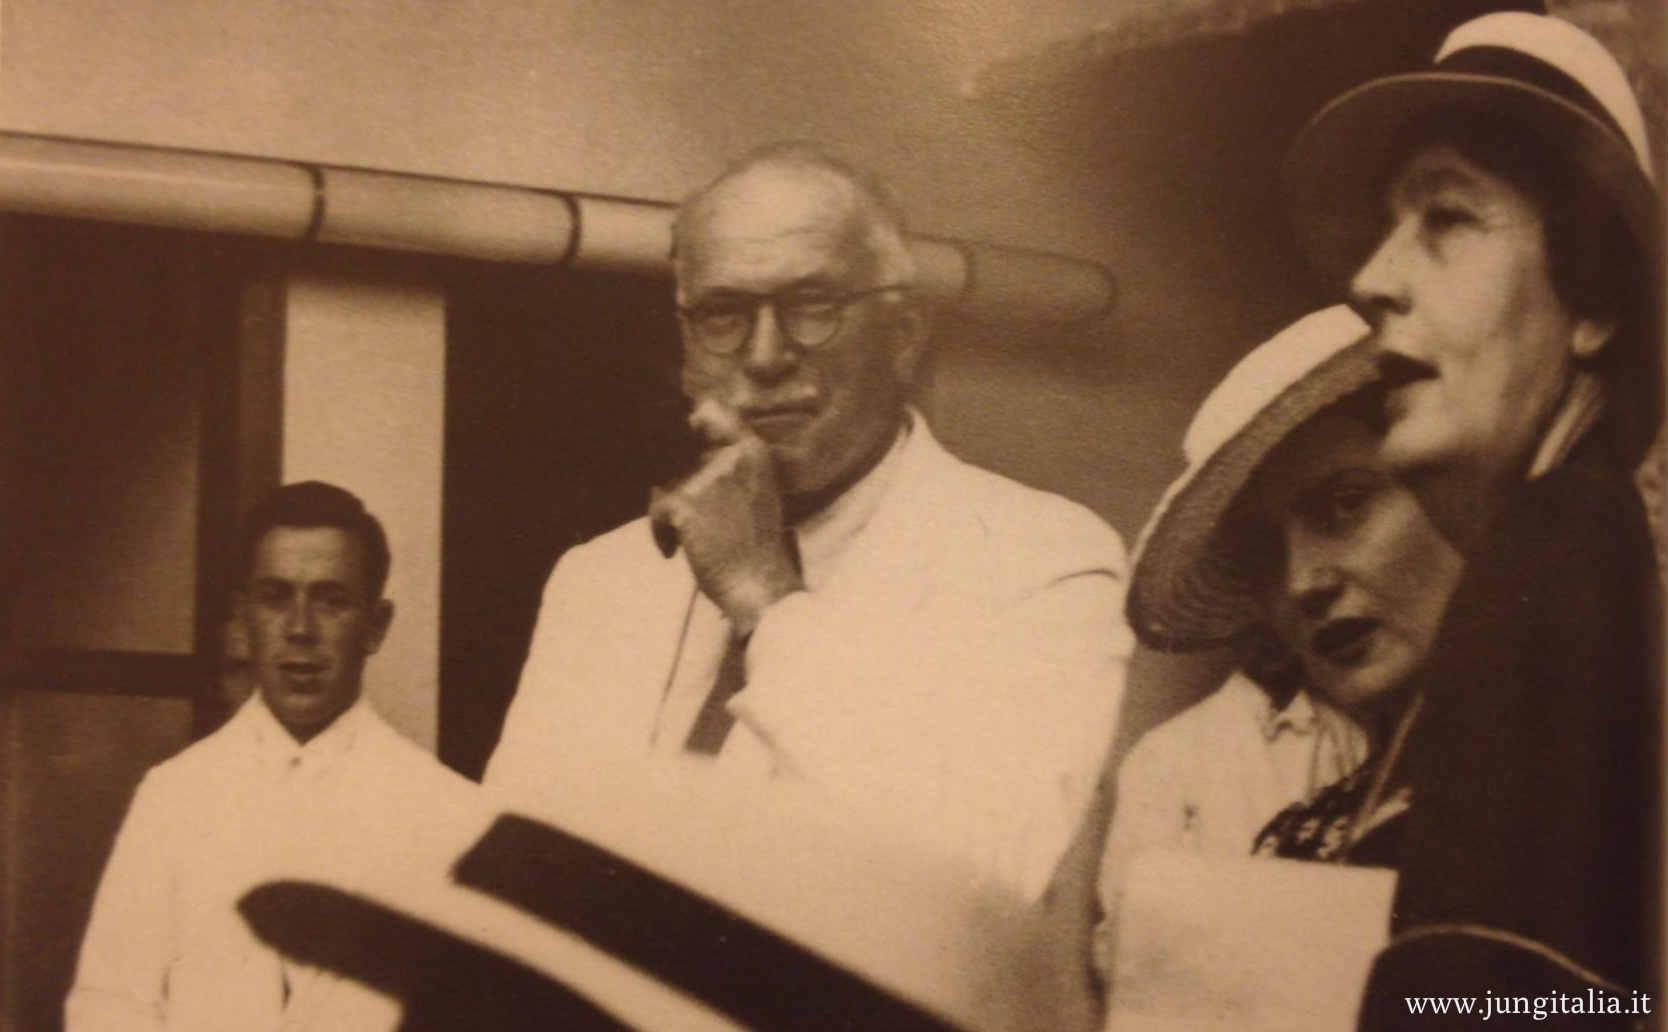 Jung e la principessa Marie-Alix von Hohenzollern-Sigmaringen, figlia dell'ultimo re di Sassonia e vicina allo Psychologischer Club di Zurigo ad Ascona nel 1936